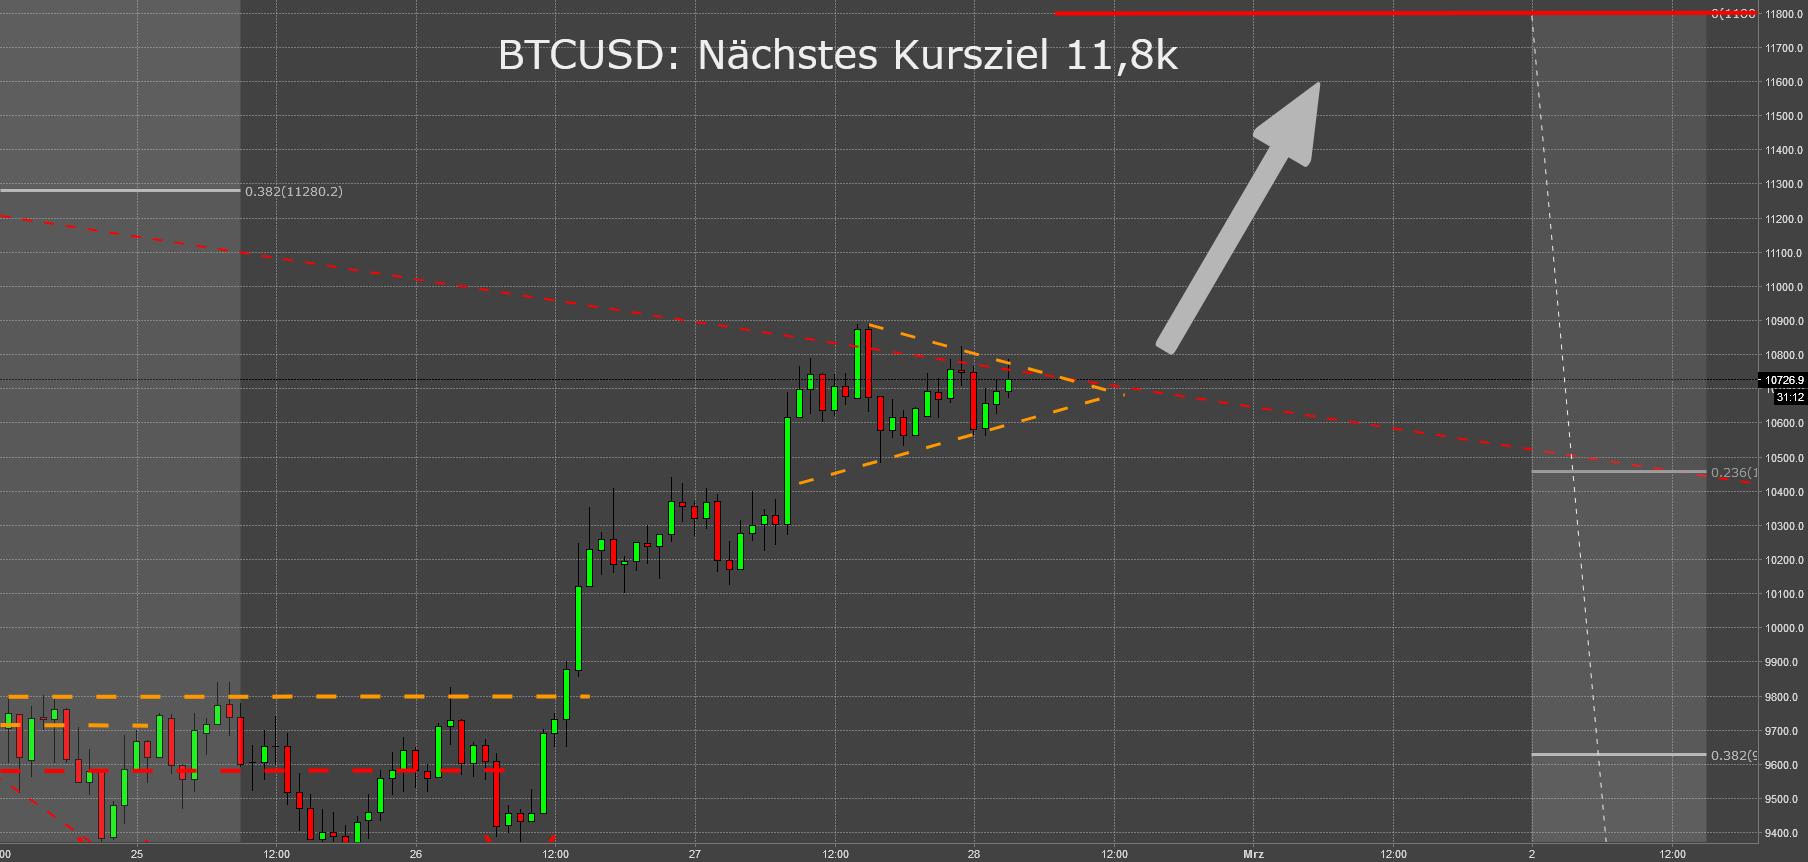 BTC: Nächstes Kursziel 11,8k